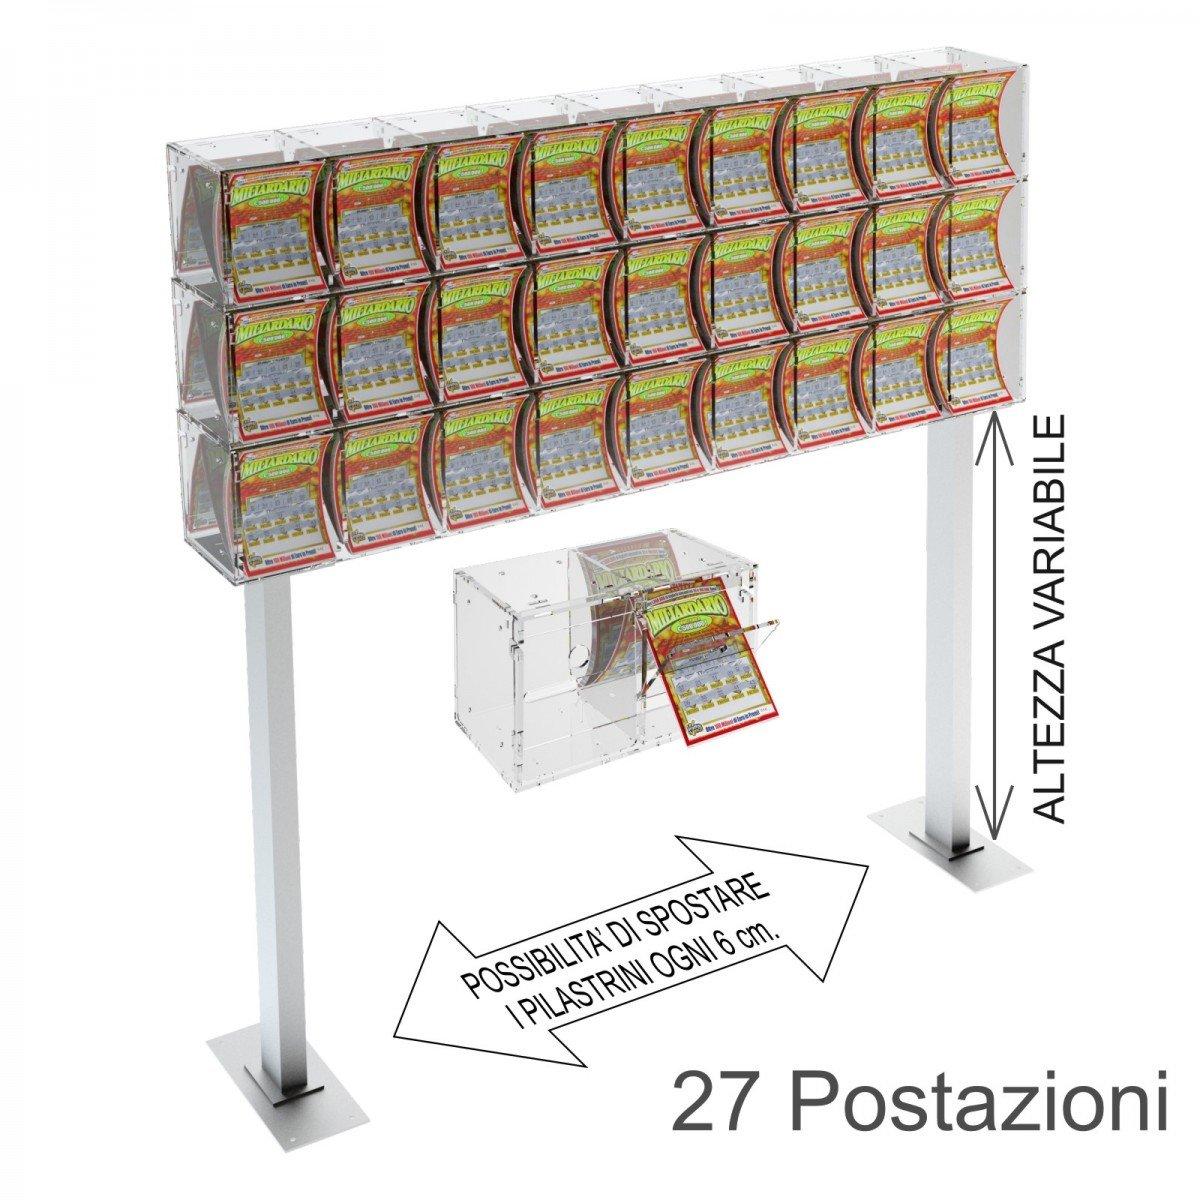 Espositore gratta e vinci da banco in plexiglass trasparente a 27 contenitori munito di sportellino frontale lato rivenditore